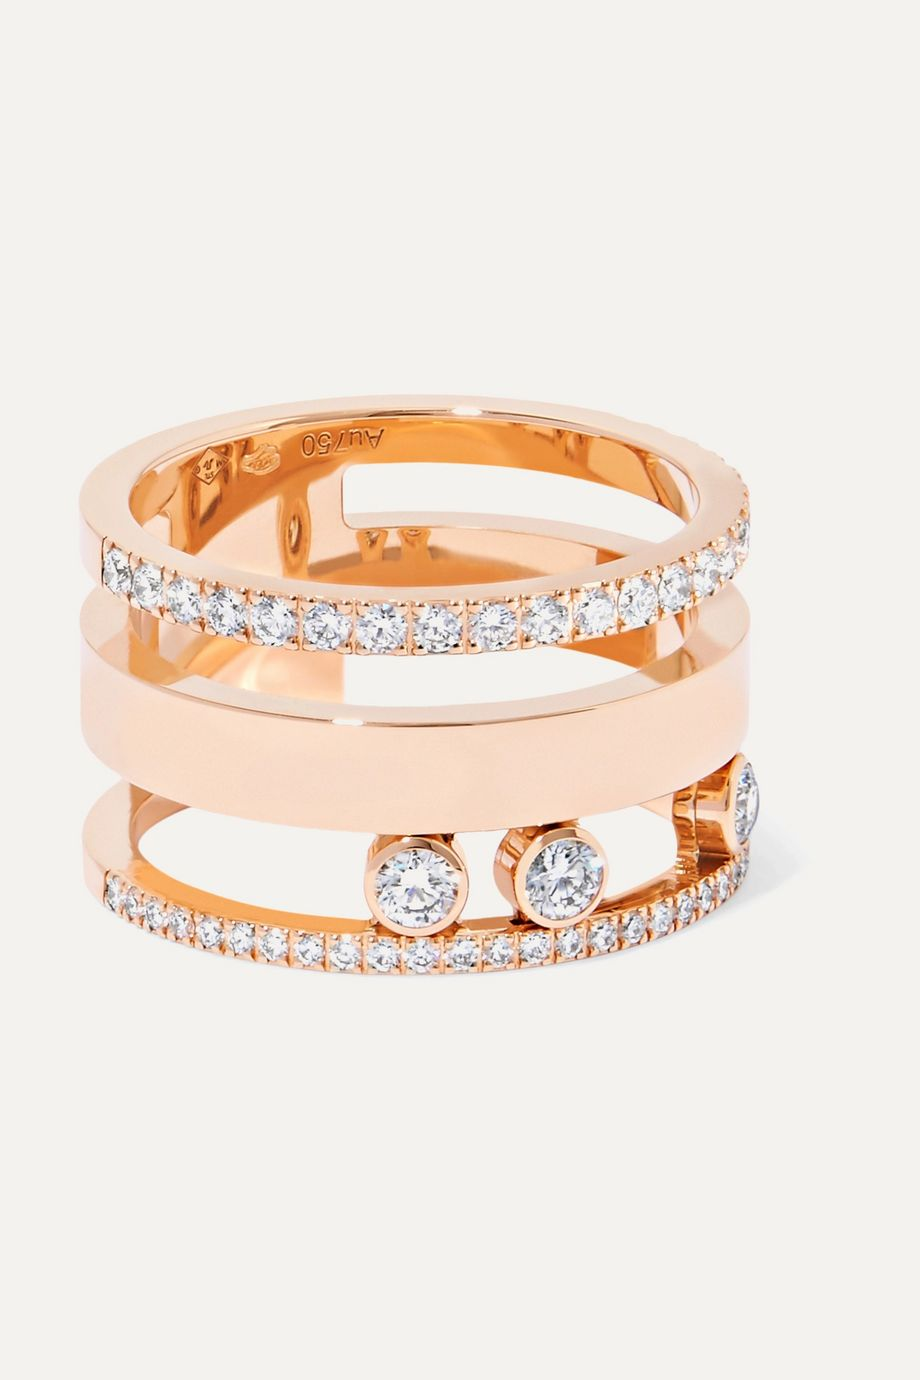 Messika Move Romane Large Ring aus 18 Karat Roségold mit Diamanten